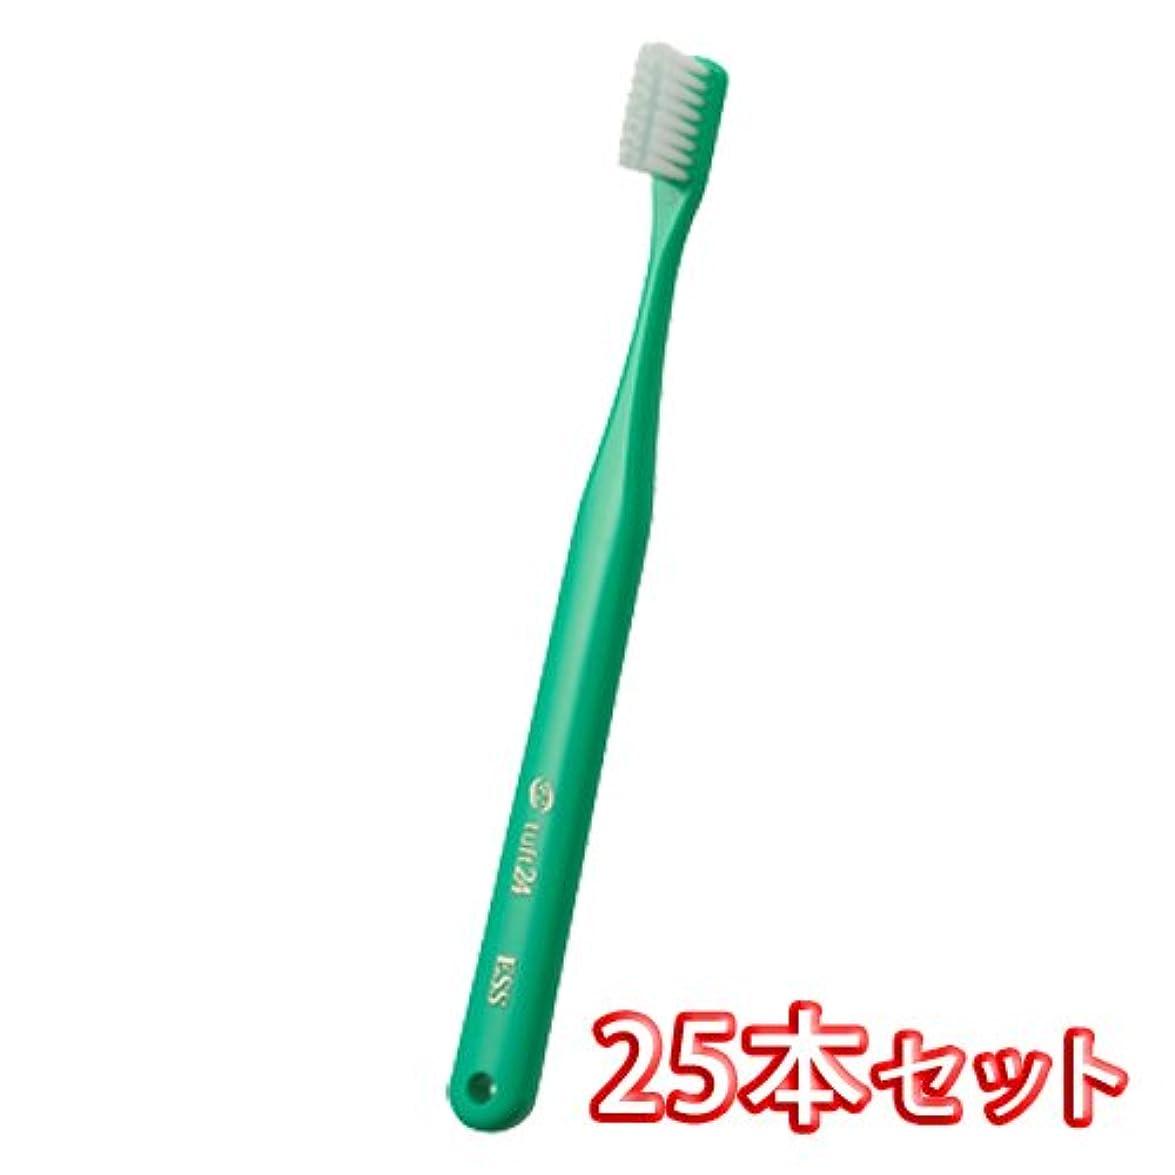 表示チョップ文明化オーラルケア キャップ付き タフト 24 歯ブラシ 25本入 ミディアムハード MH (グリーン)